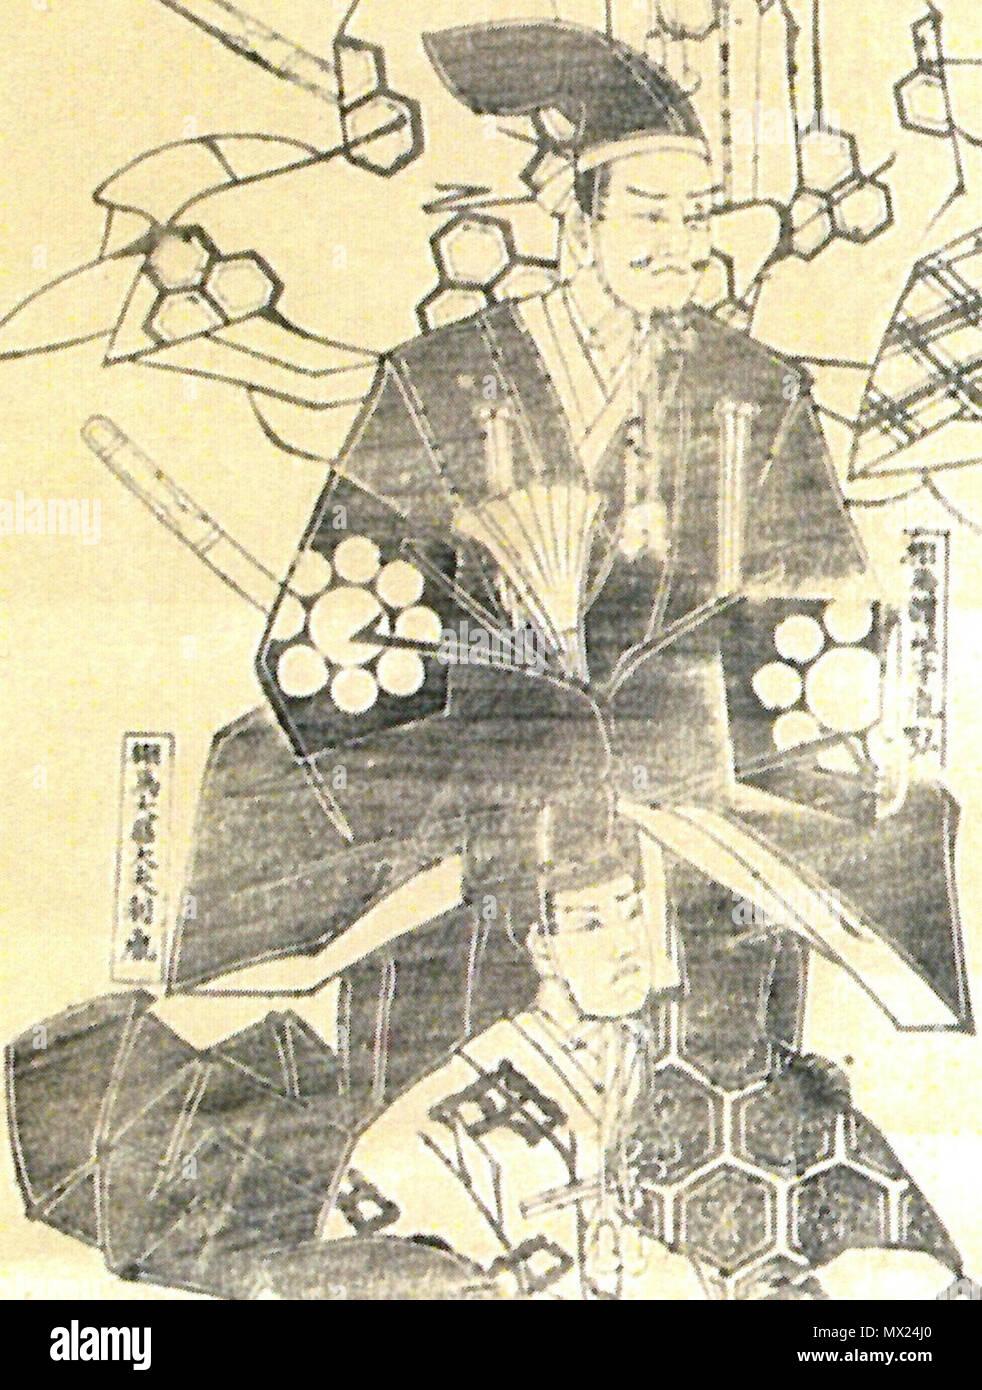 日本語: 相馬胤弘の画像(「相馬...